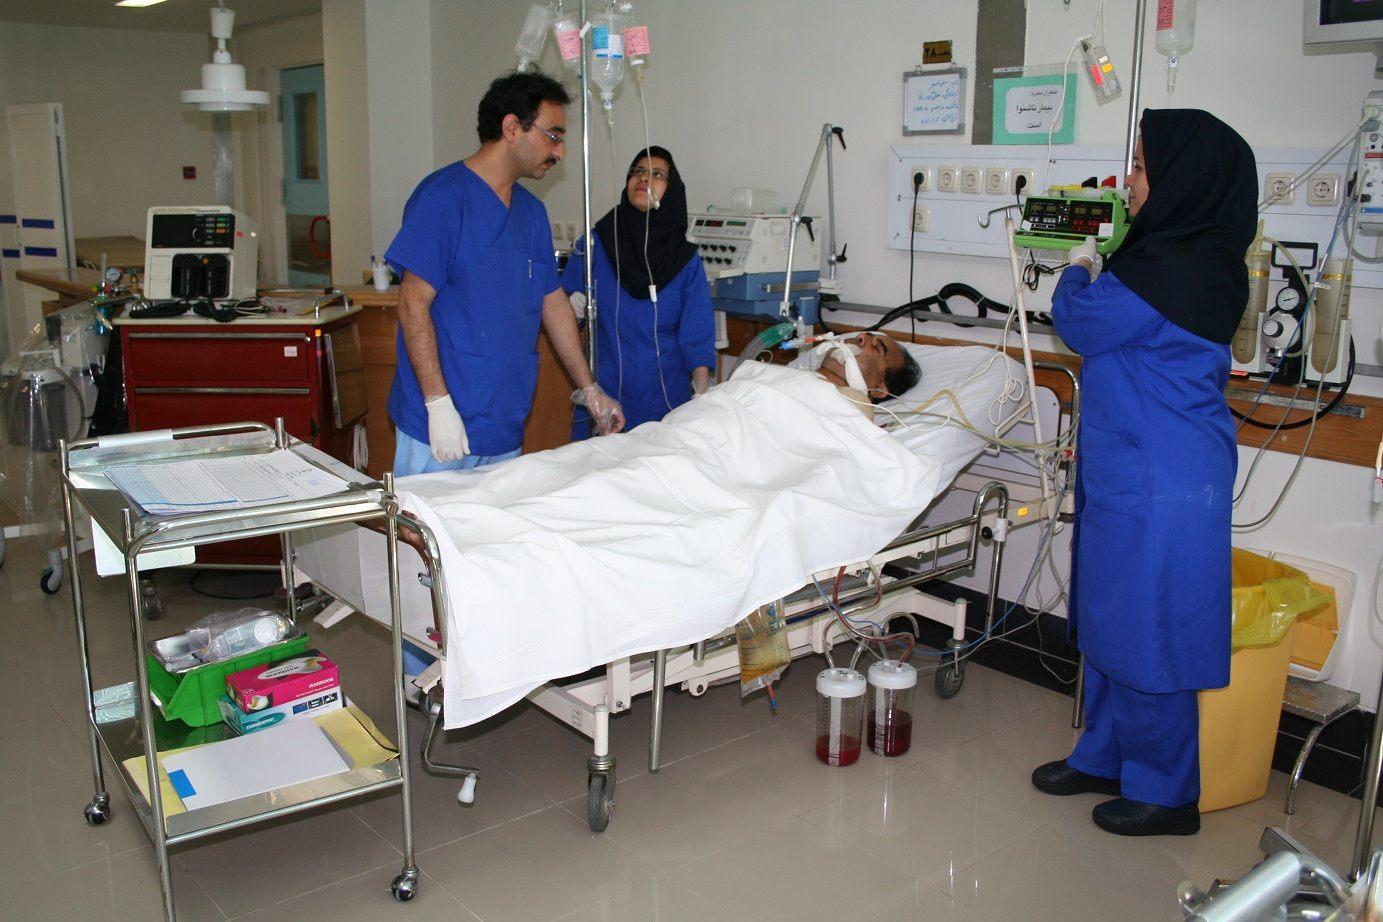 سخنگوی کمیسیون بهداشت و درمان مجلس: مجوز استخدام ۱۰ هزار پرستار صادر شد